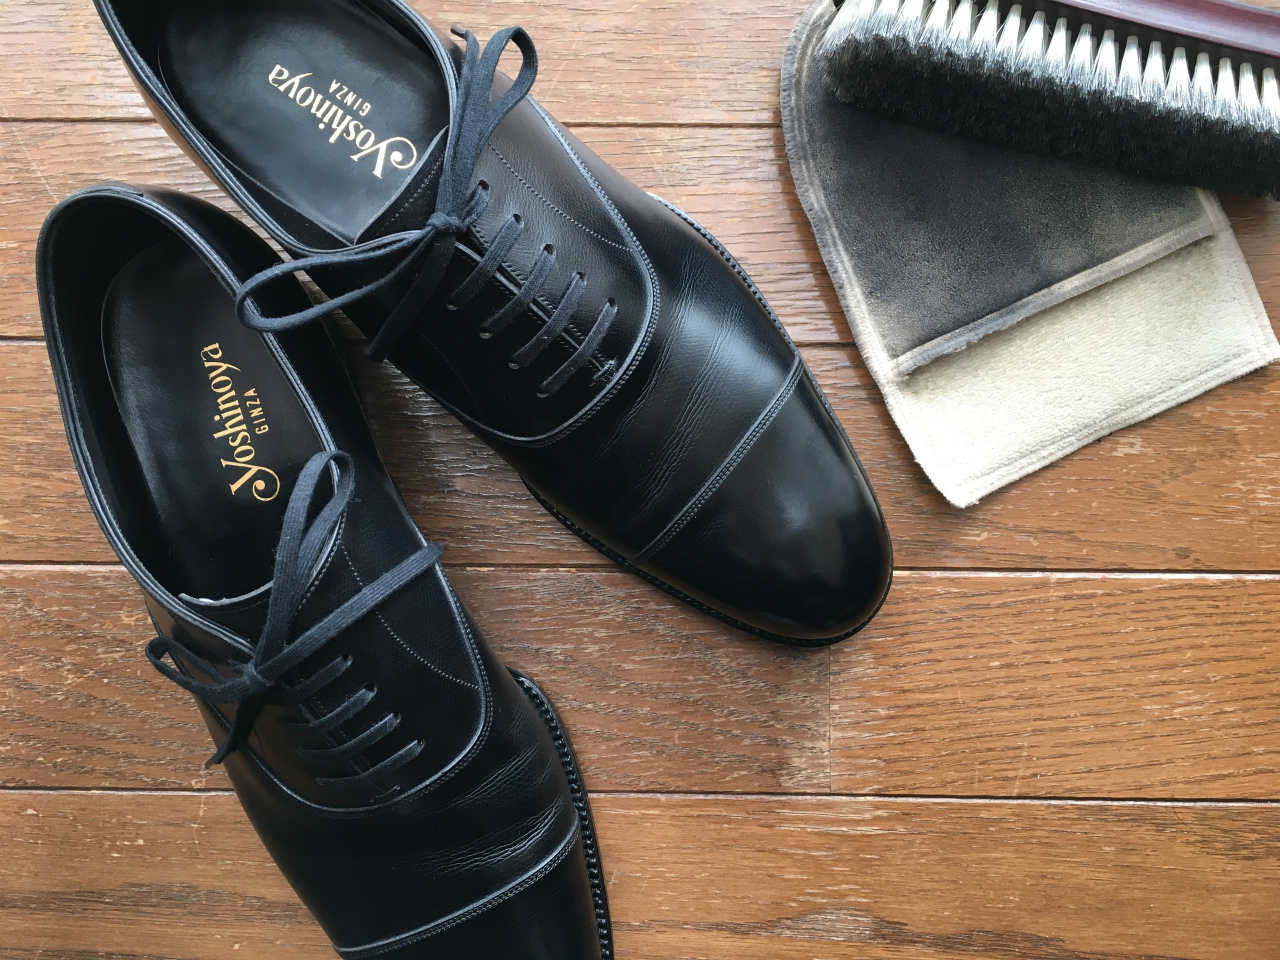 [革靴] 革靴とお手入れに興味を持ったあなたへ。(1)まずはお手入れに関する根っこの部分の考え方。